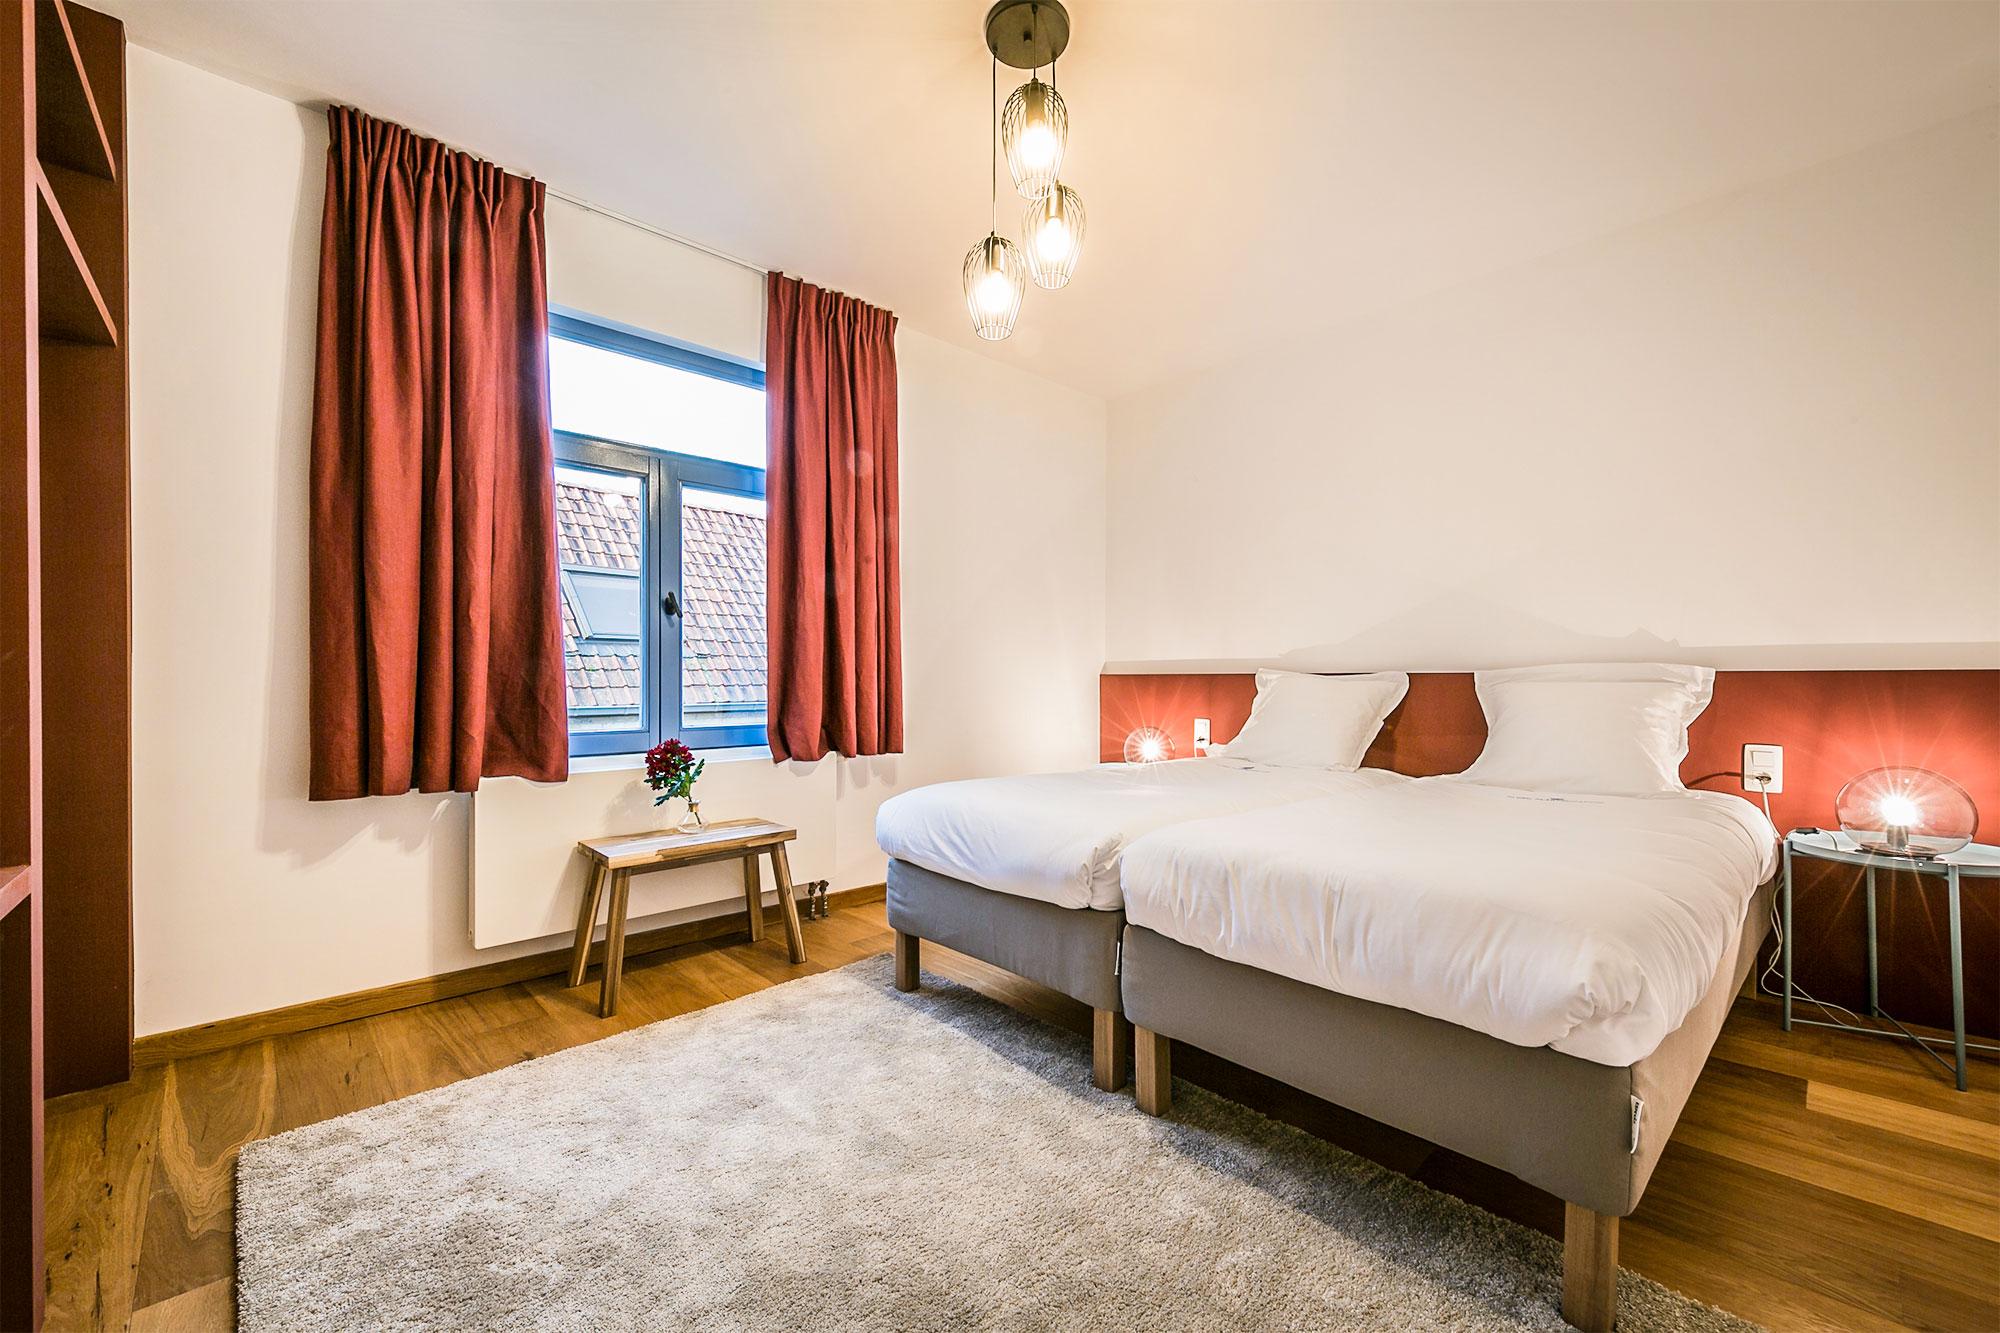 vakantiehuis te huur - slaapkamer